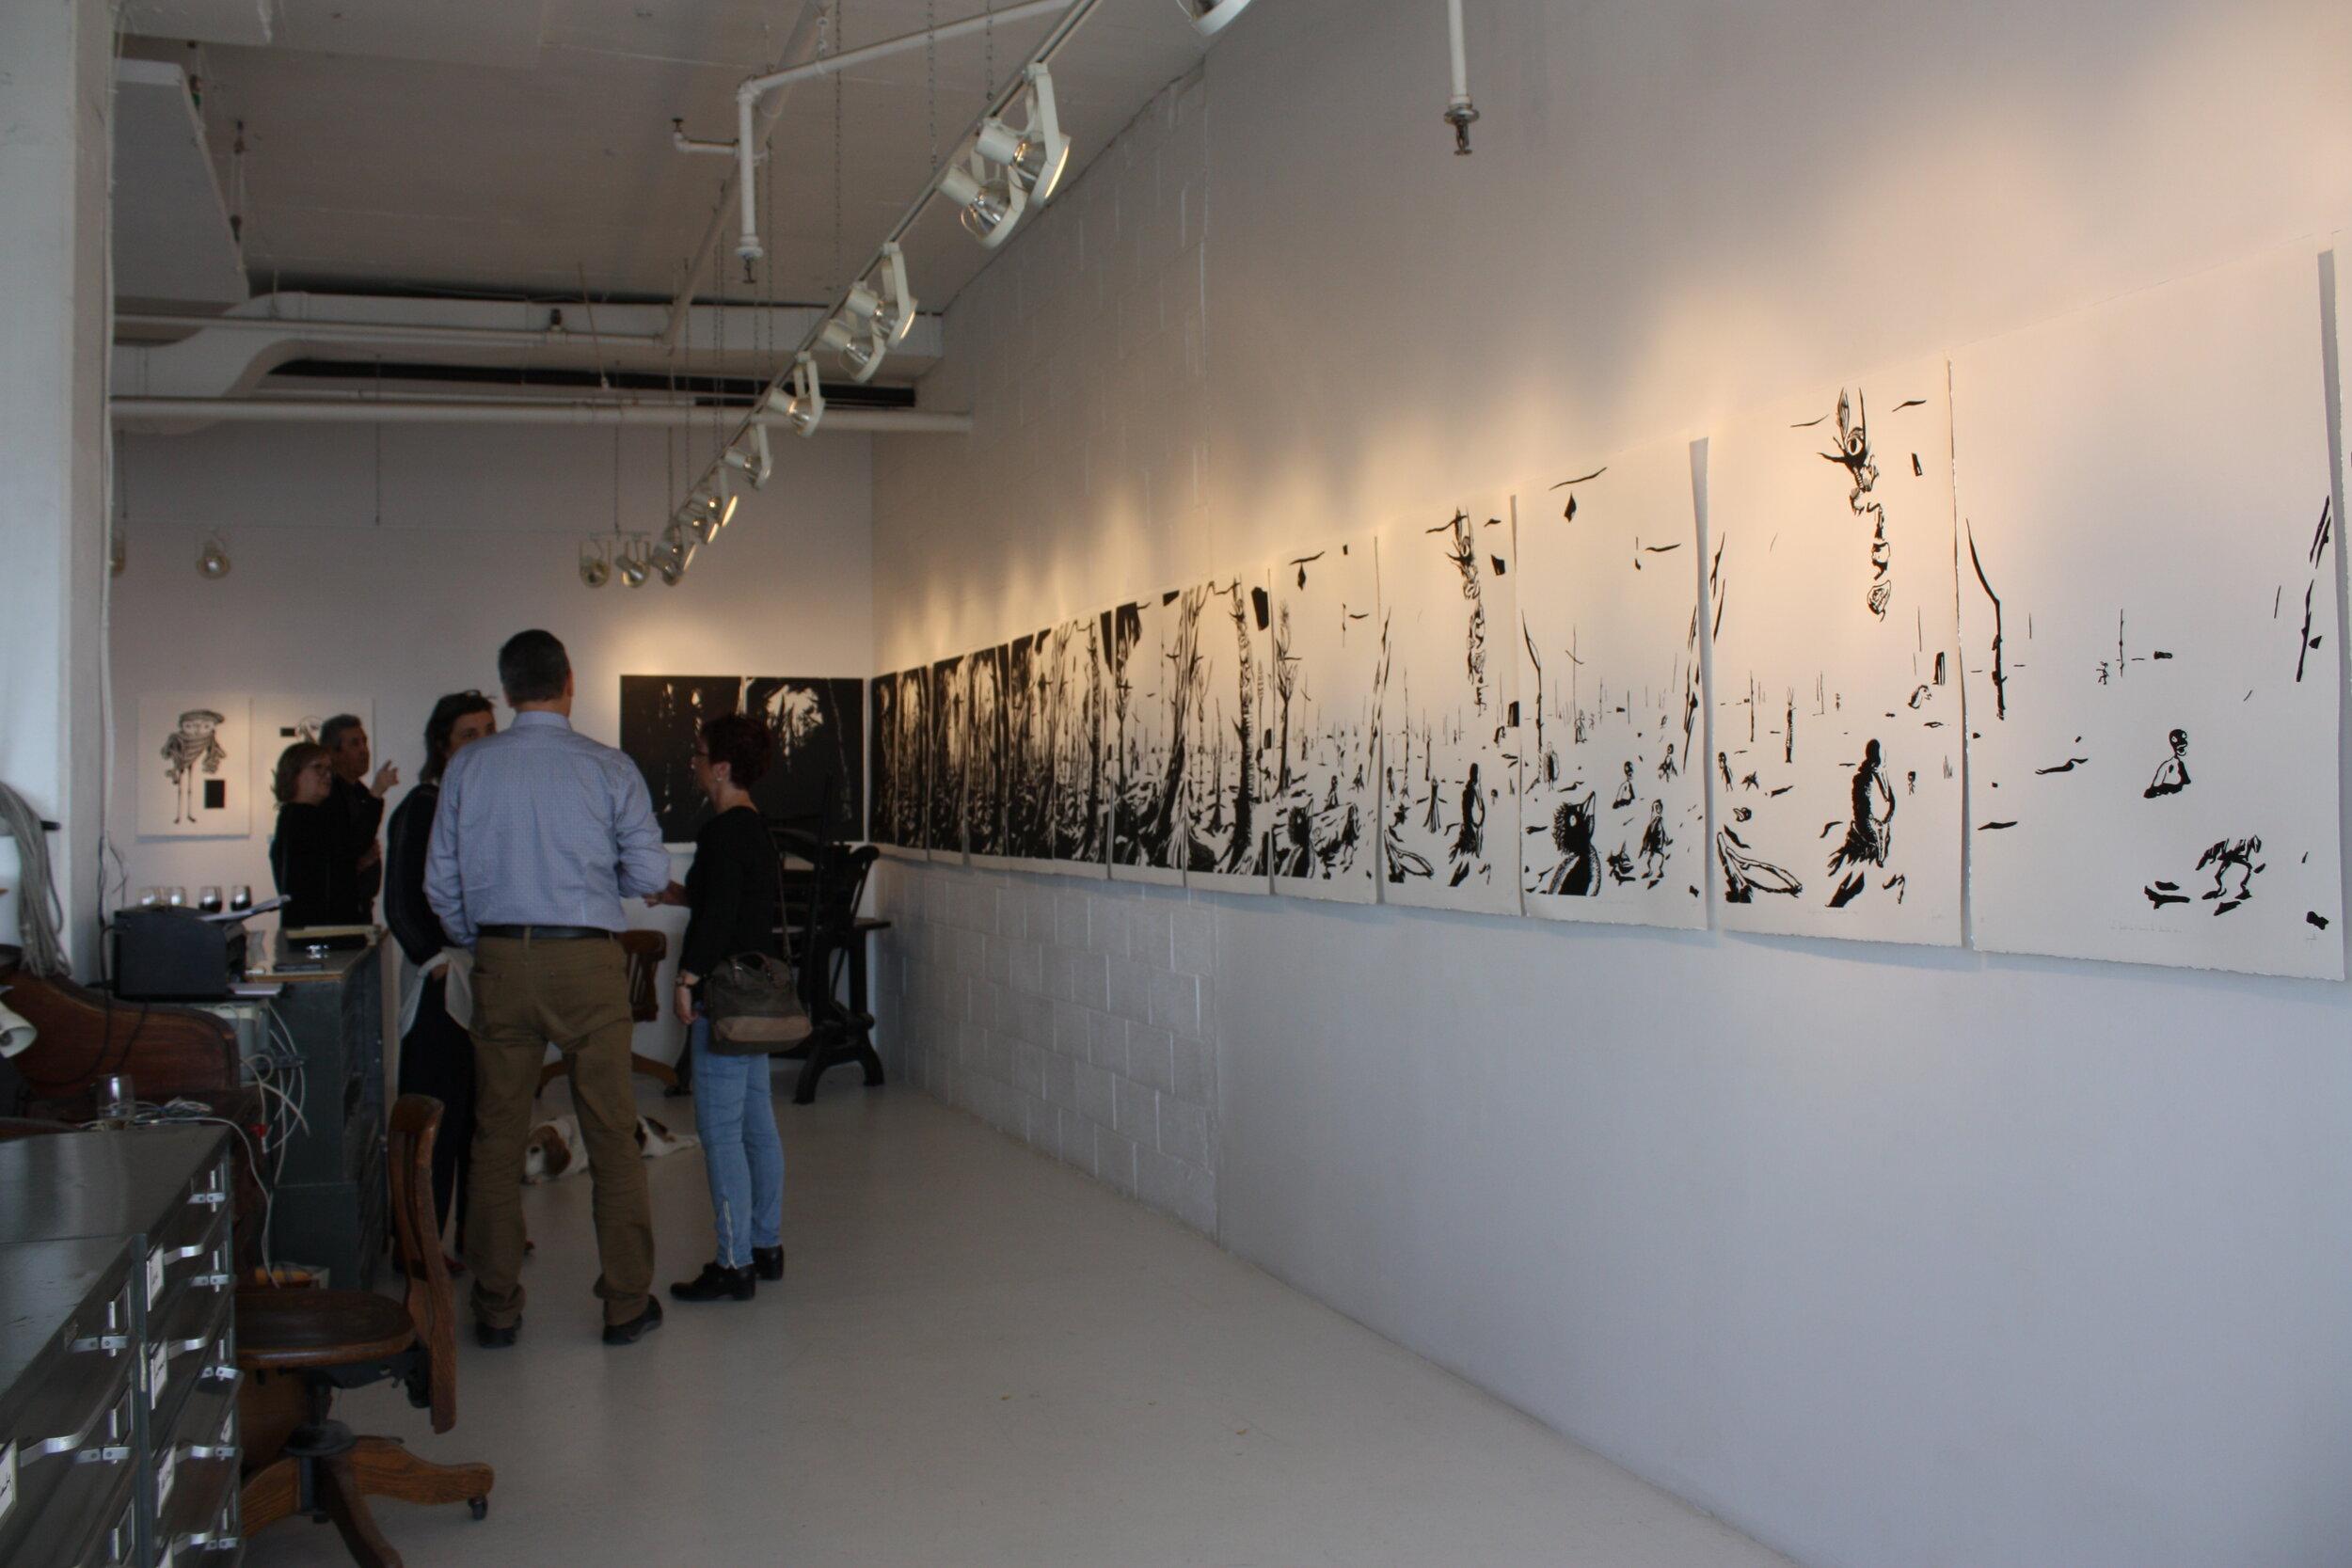 Vue de l'exposition, site web de l'artiste Voilaine Fayolle -